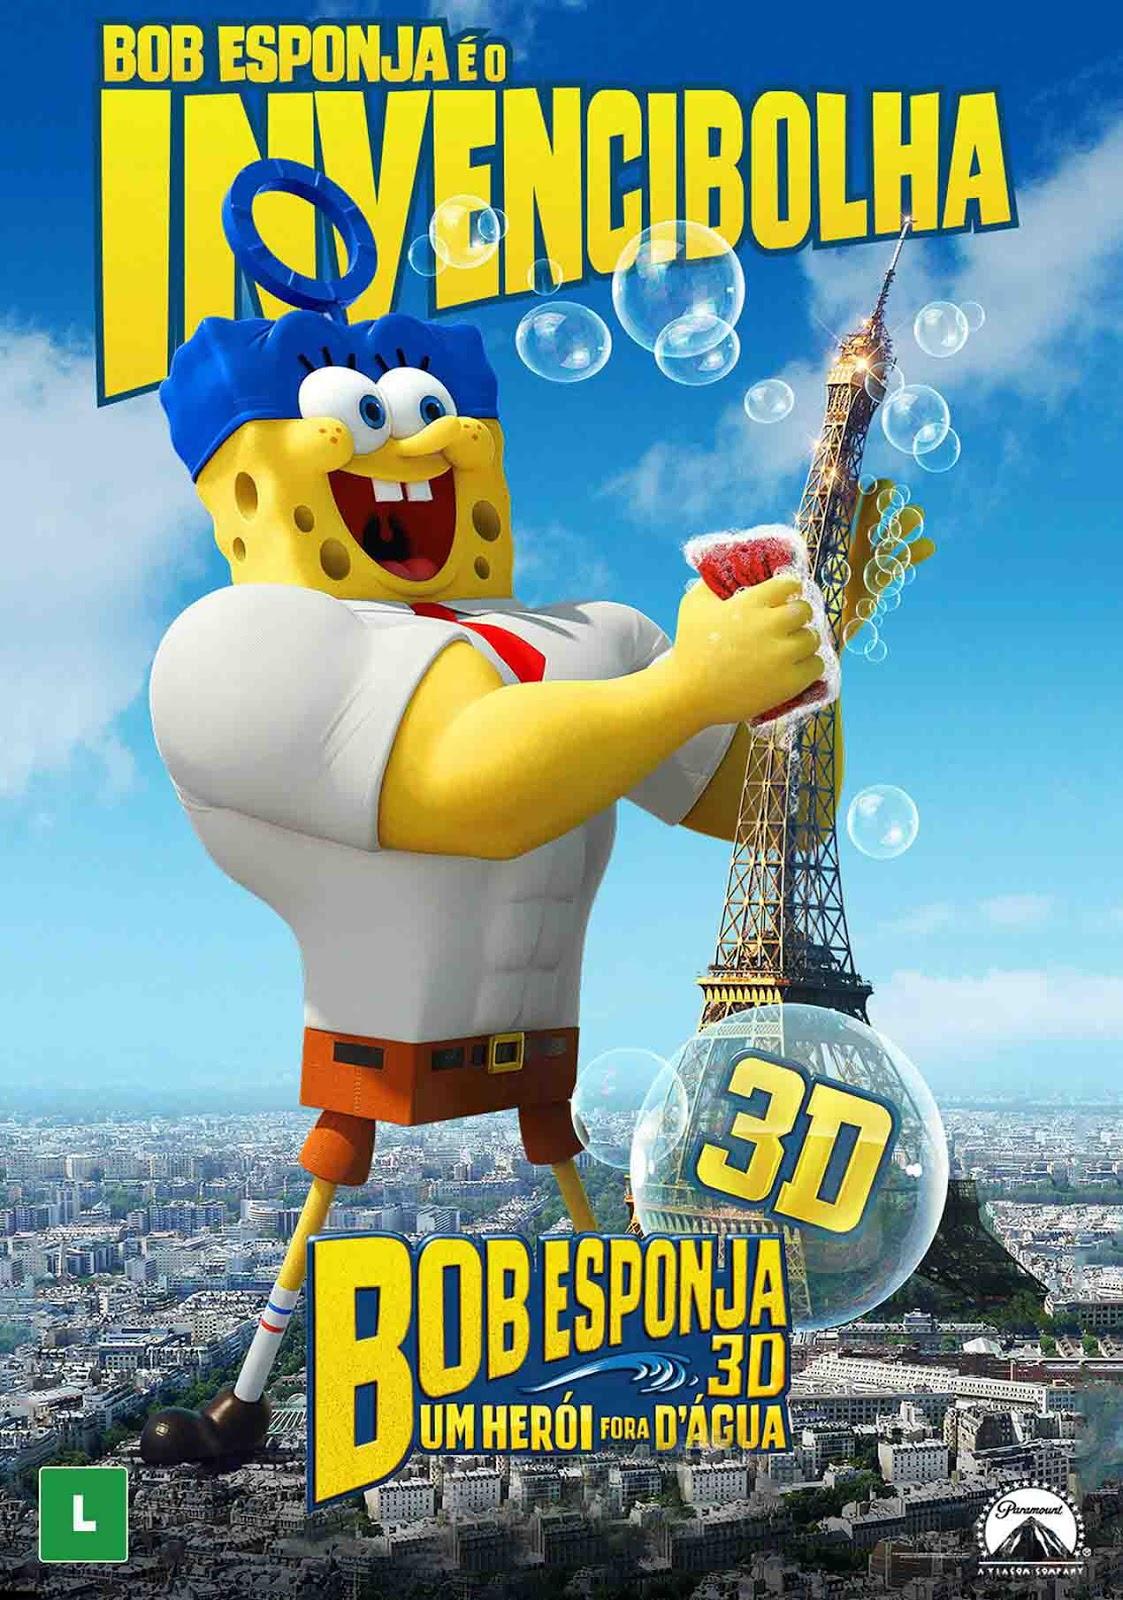 Bob Esponja: Um Herói Fora d'Água 3D Torrent - Blu-ray Rip 1080p Dublado (2015)